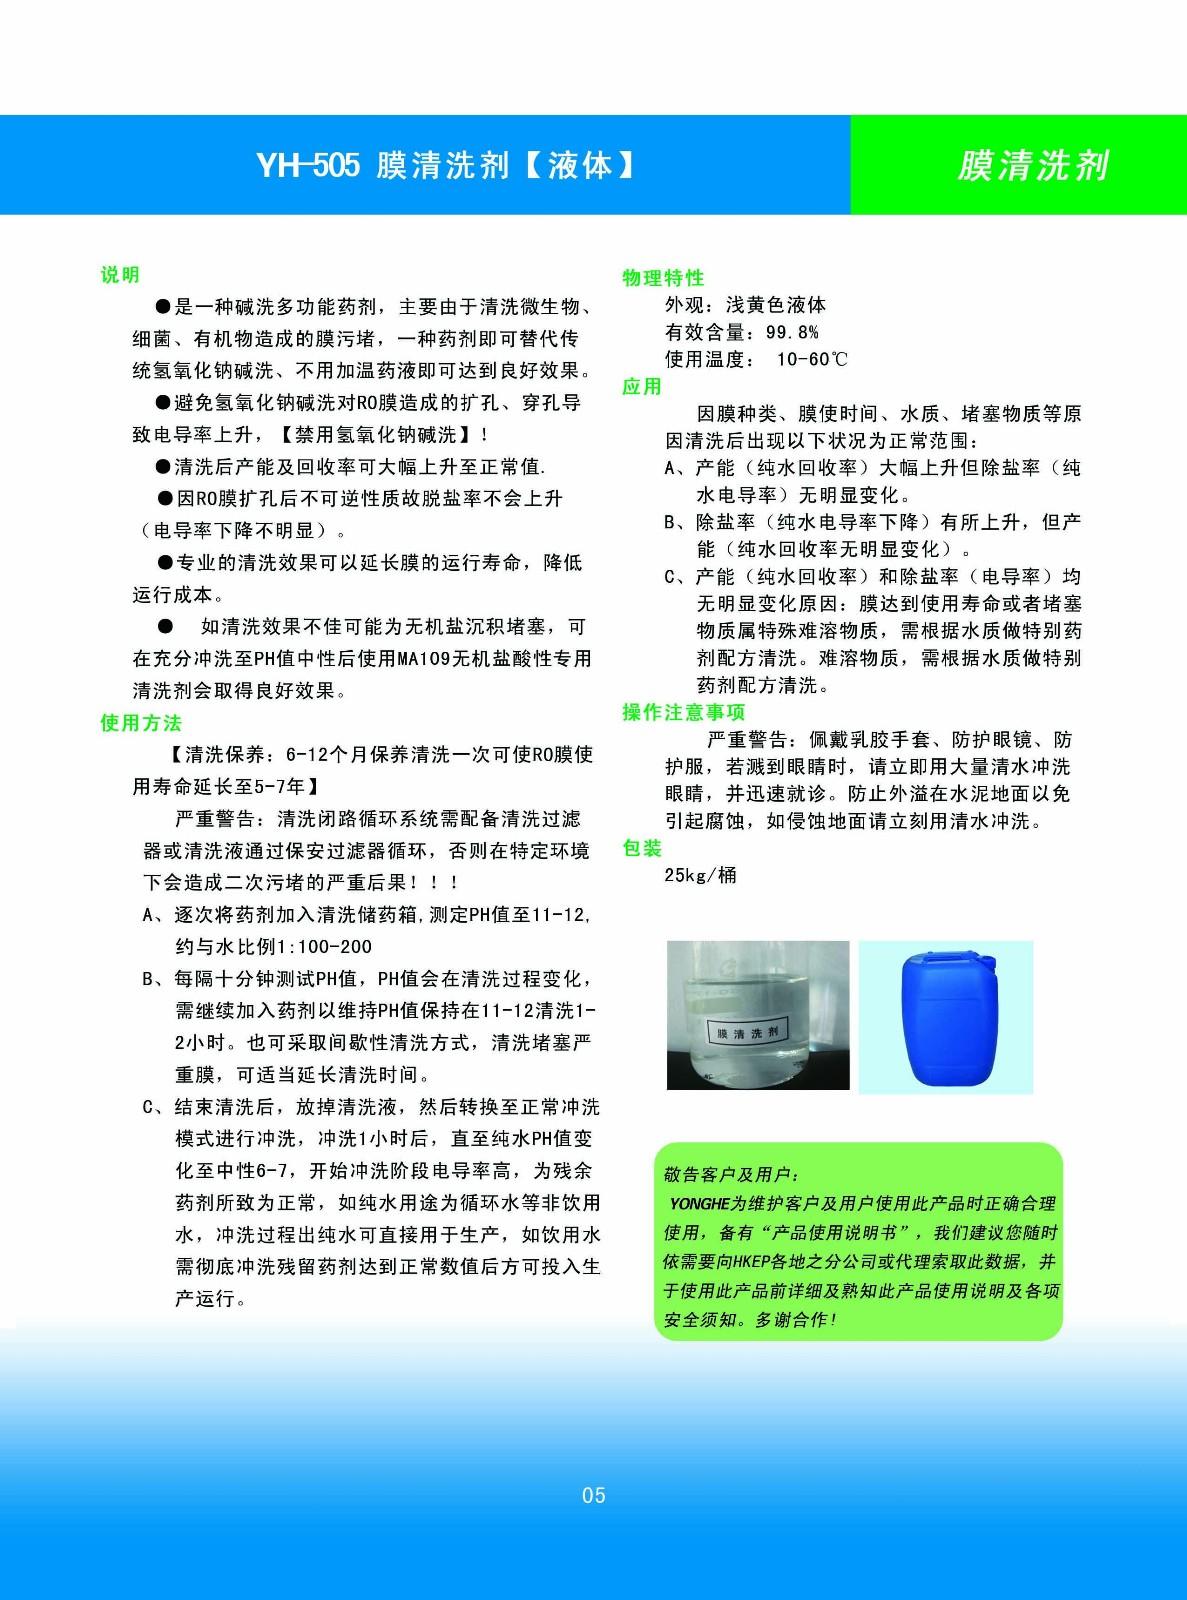 05 YH-505 碱性清洗剂.jpg